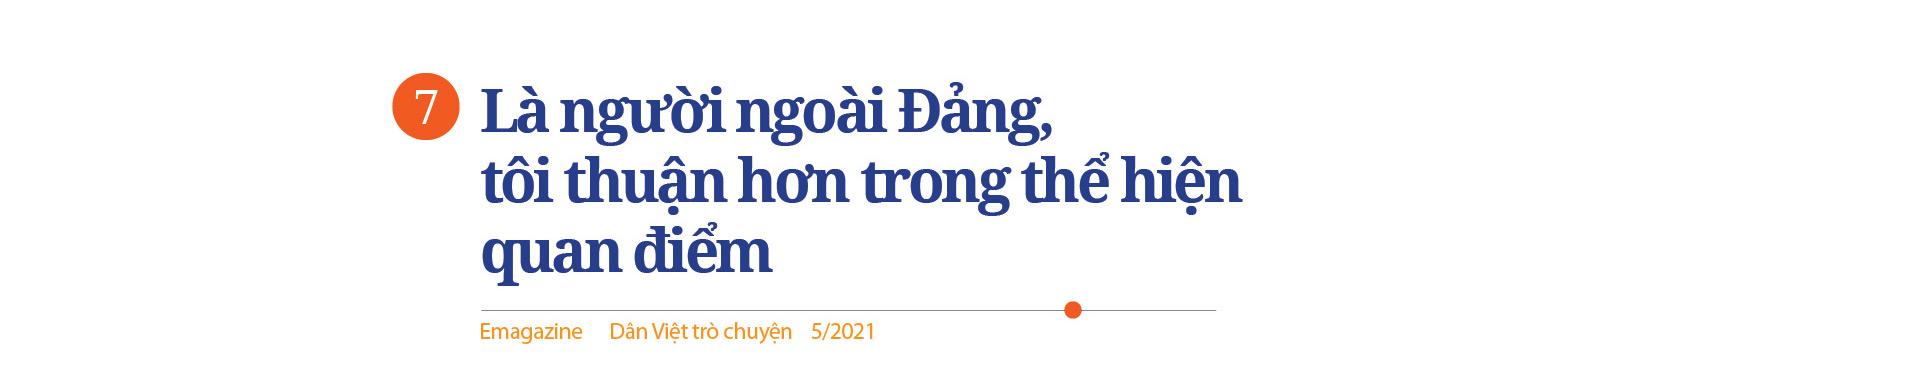 Ông Dương Trung Quốc chia sẻ những chuyện ít người biết sau 20 năm gắn bó nghị trường - Ảnh 12.